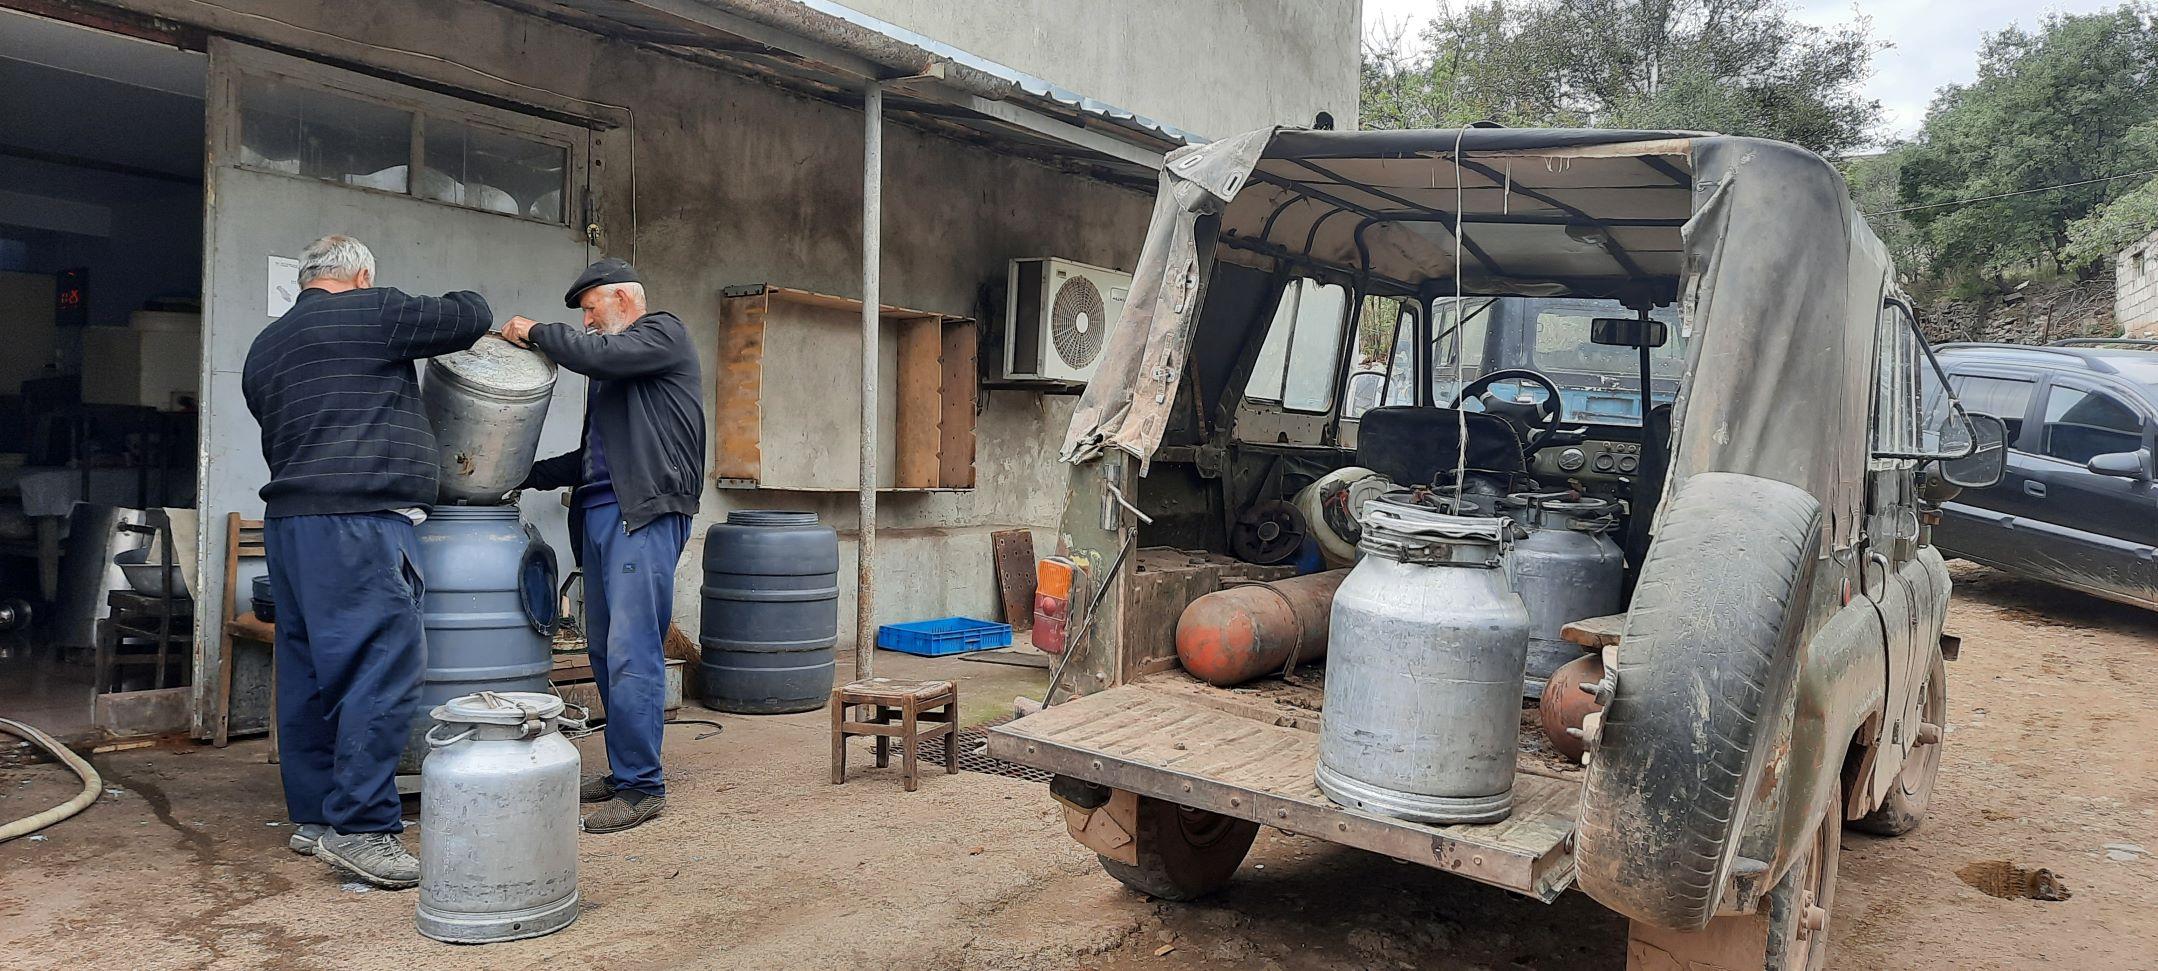 Melkfabriek Dzoraghyugh Armenie